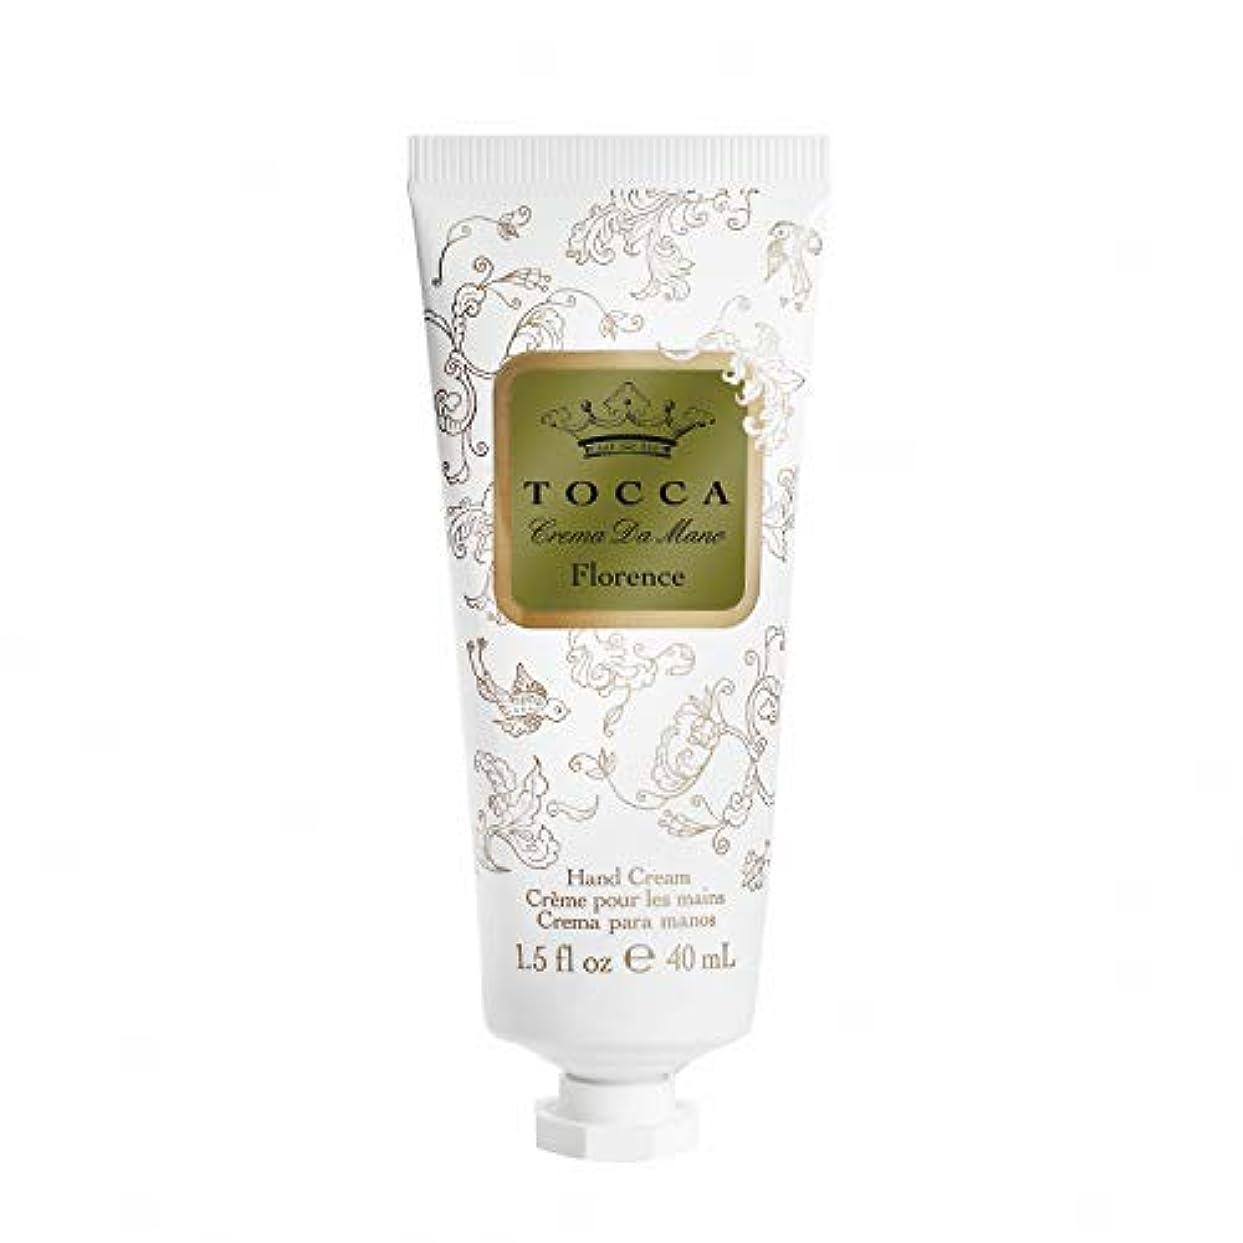 興奮プレゼント愛撫トッカ(TOCCA) ハンドクリーム フローレンスの香り 40mL (ガーデニアとベルガモットが誘うように溶け合うどこまでも上品なフローラルの香り)